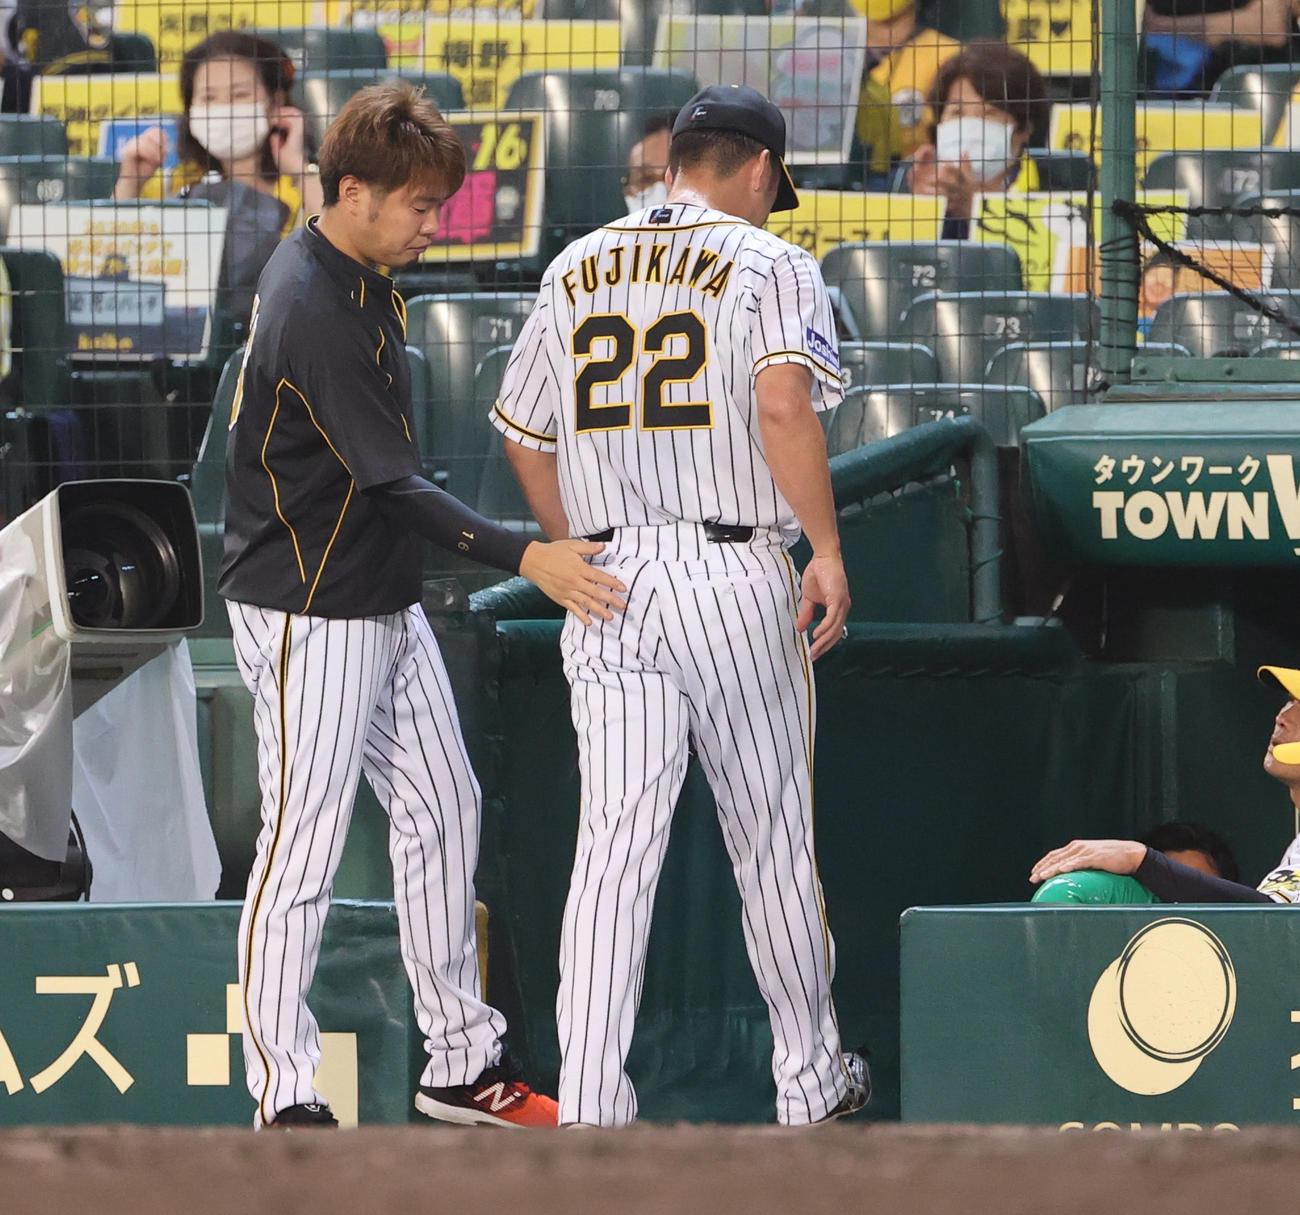 阪神対DeNA 9回表DeNA1死一塁、ソトに勝ち越しの2点本塁打を浴び降板となった藤川球右)を出迎える西勇(撮影・清水貴仁)